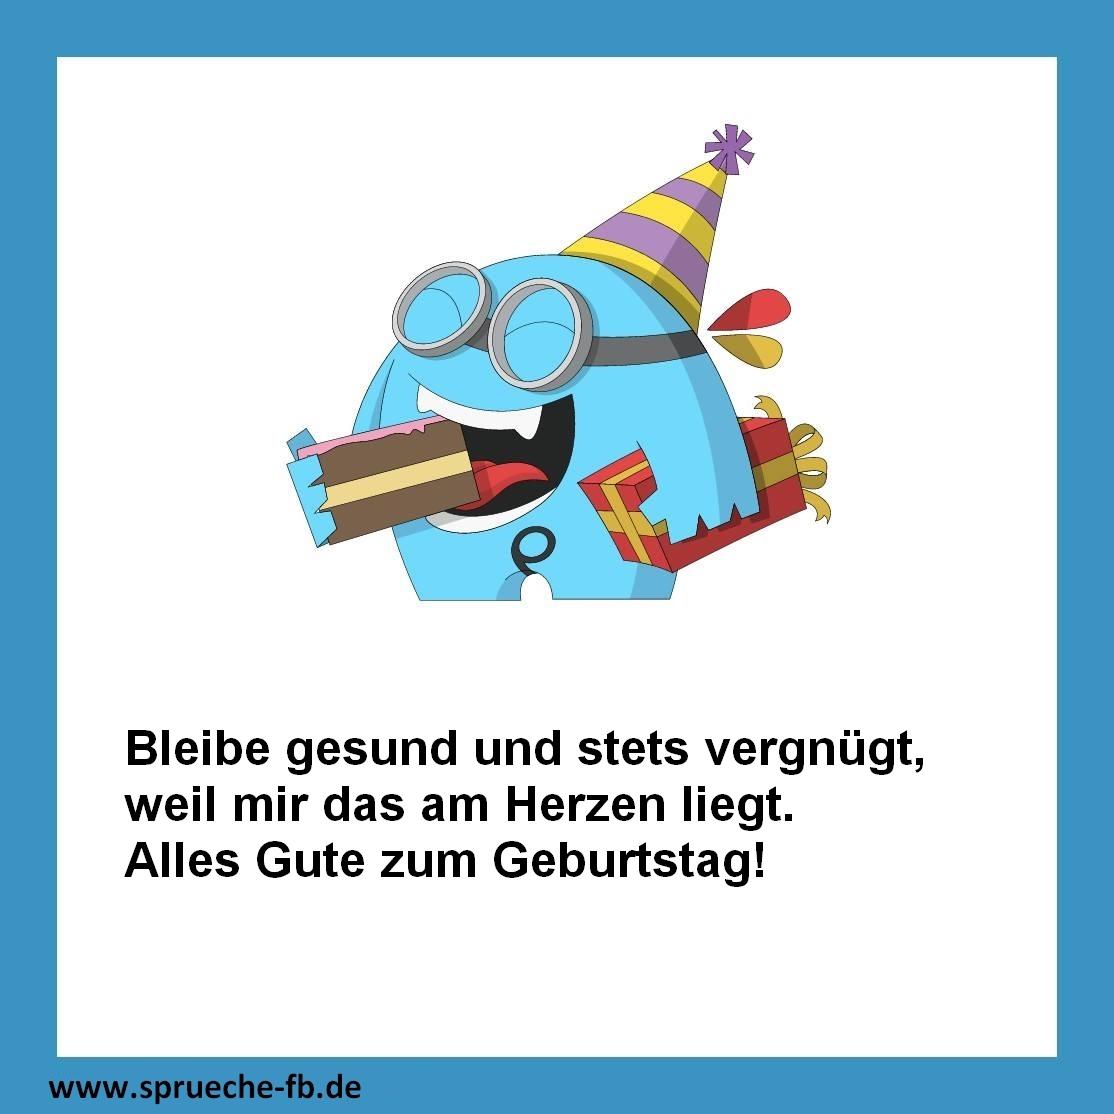 Geburtstagsbilder Liebe Glckwnsche Zum Geburtstag Per Sms